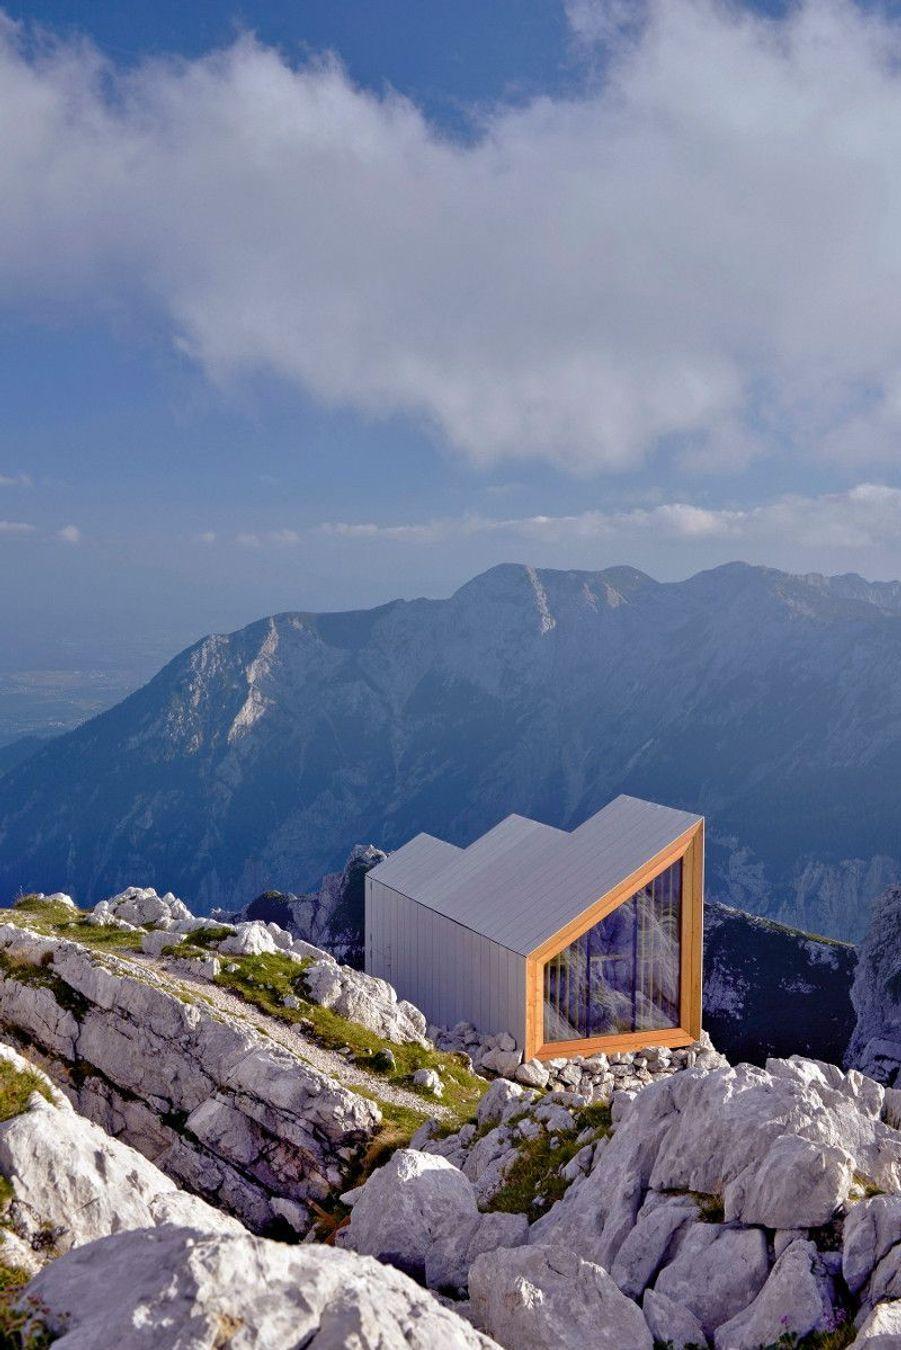 Pour les vrais randonneurs, Alpine ShelterComme posé en équilibre sur le Skuta, un sommet des Alpes situé en Slovénie, dominant une immensité rocheuse à perte de vue, ce refuge, imaginé par l'agence d'architectes Ofis, révolutionne enfin le genre pour un résultat bluffant d'esthétisme. La promesse :offrir un abri unique à quelques chanceux alpinistes en leur donnant l'impression de dormir à la belle étoile grâce aux larges baies vitrées donnant sur la vallée.Bon à savoir : le refuge est ouvert à tous et accueille jusqu'à huit randonneurs dans ses 12 mètres carrés.